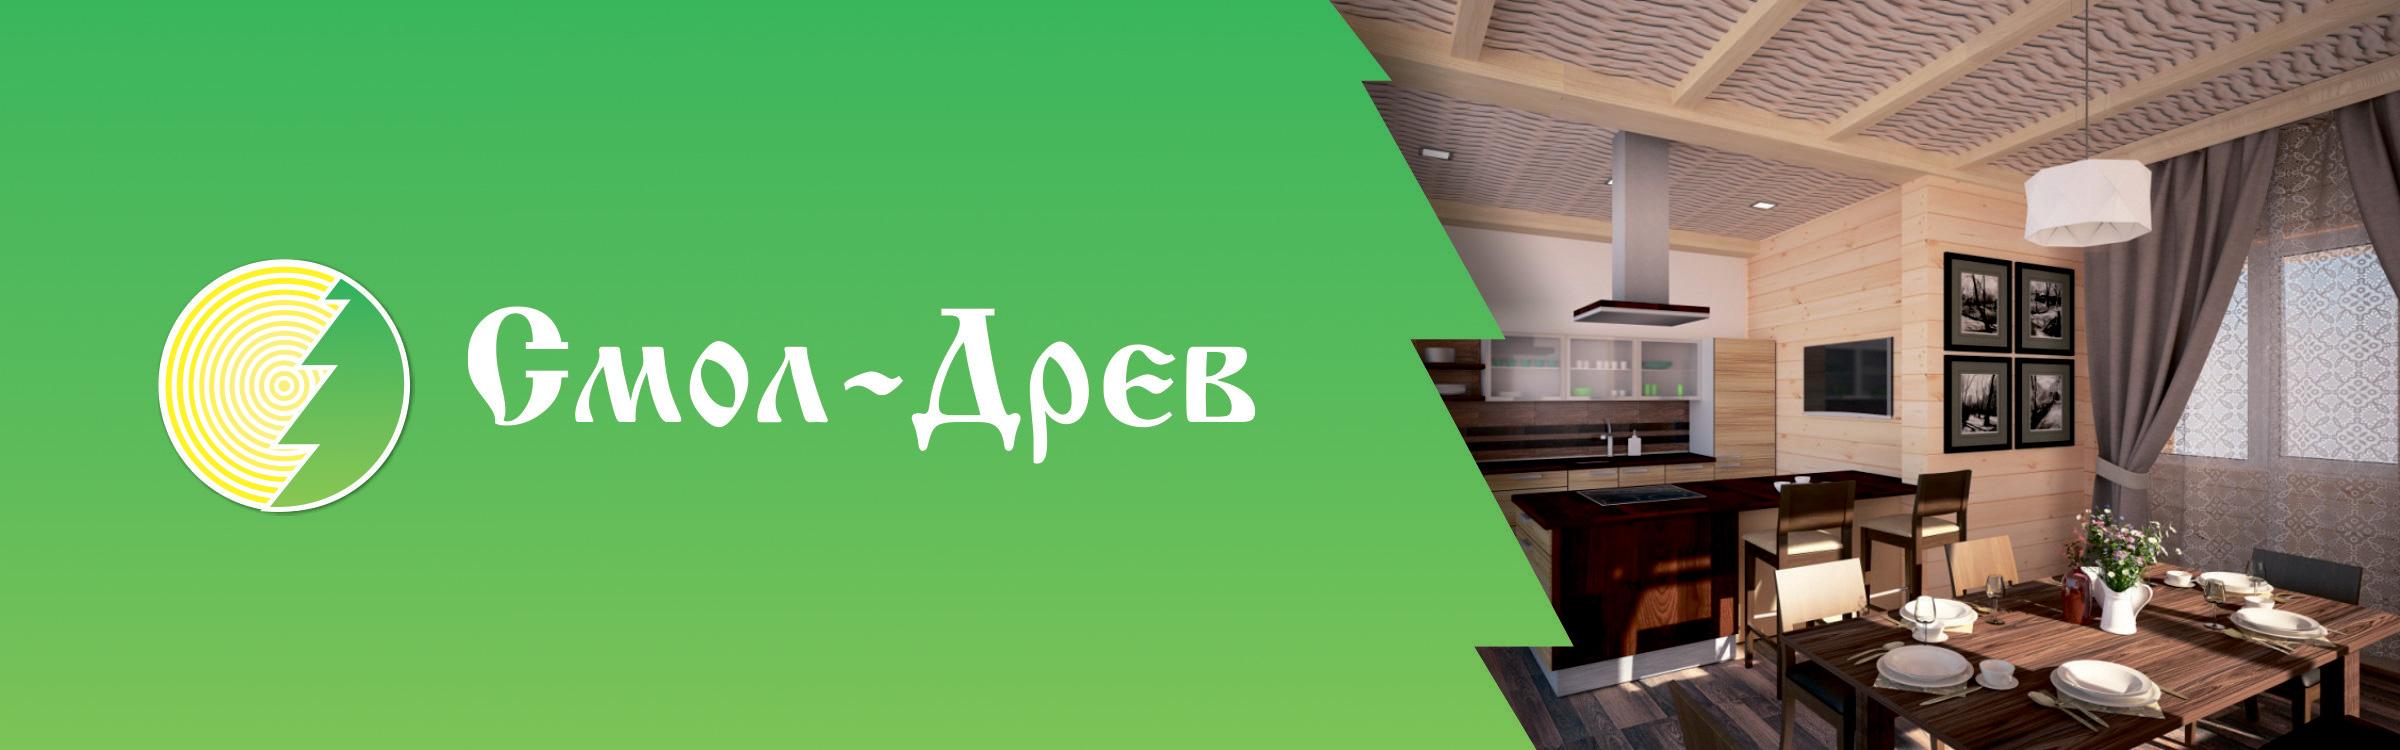 Деревянные детали и изделия 'Смол-Древ - Деревянные детали и изделия' в Смоленске. Главная страница